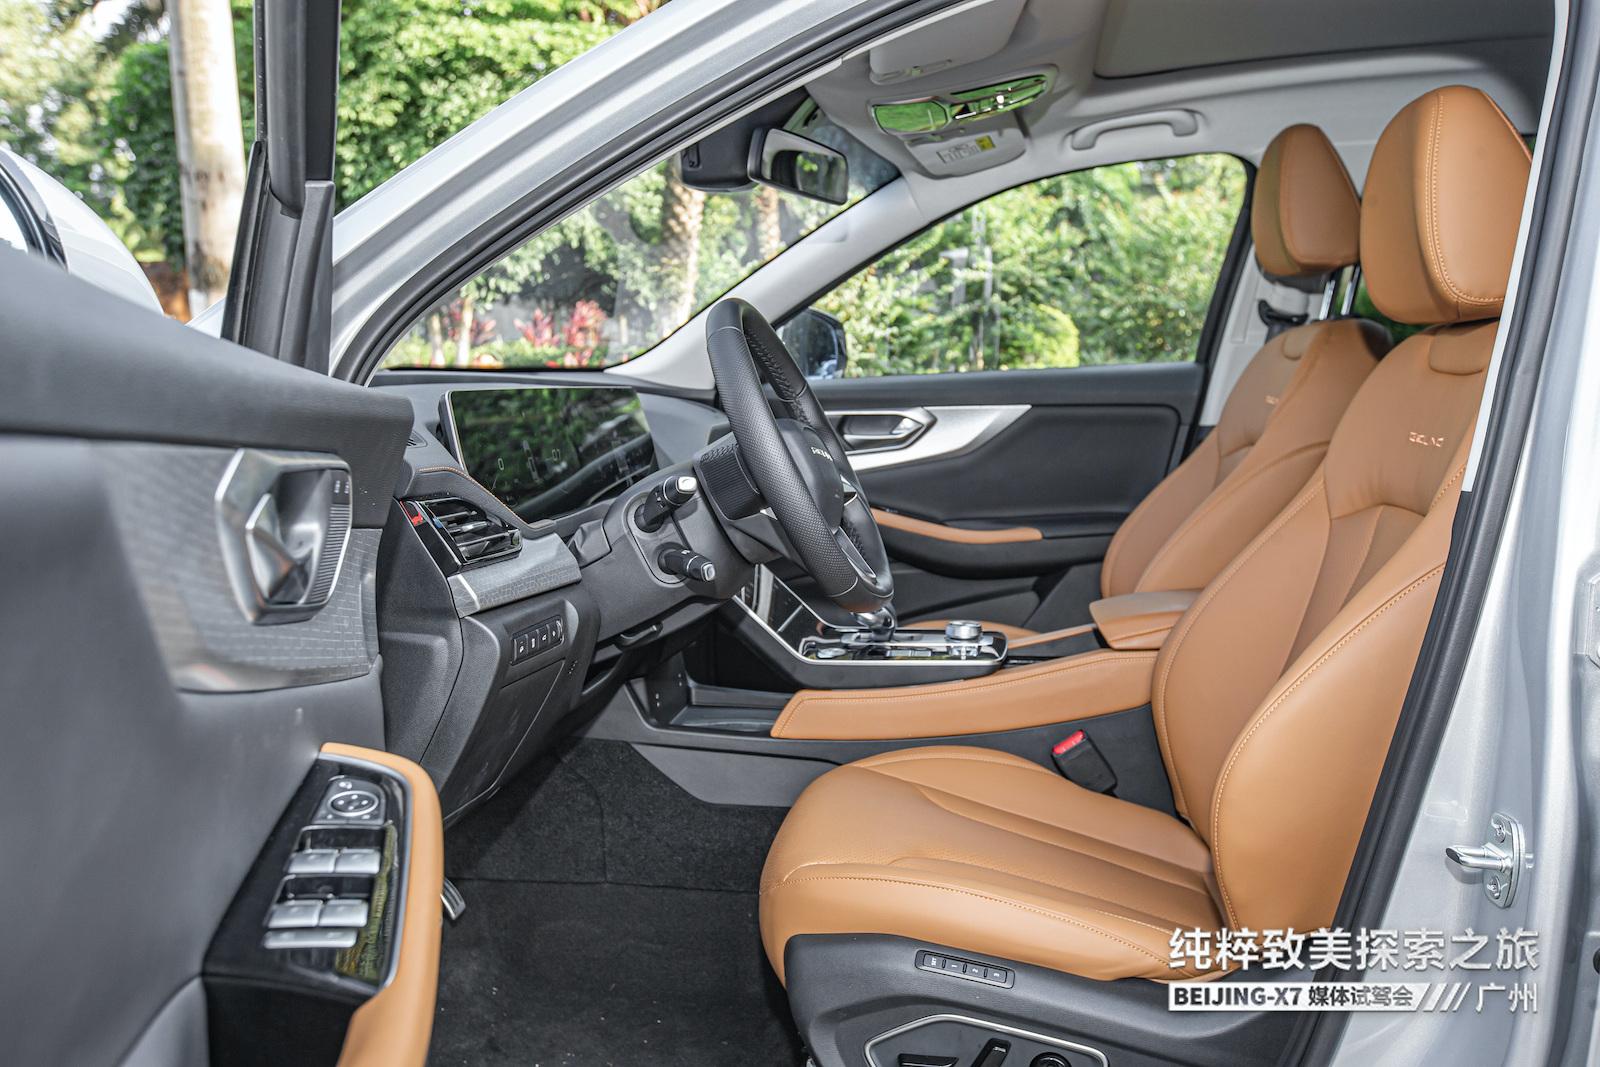 """大空间SUV,Beijing X7 """"纯粹致美探索之旅""""启程上海 BEIJING X7展""""大都致美""""设计新风尚 SUV评测 第2张"""